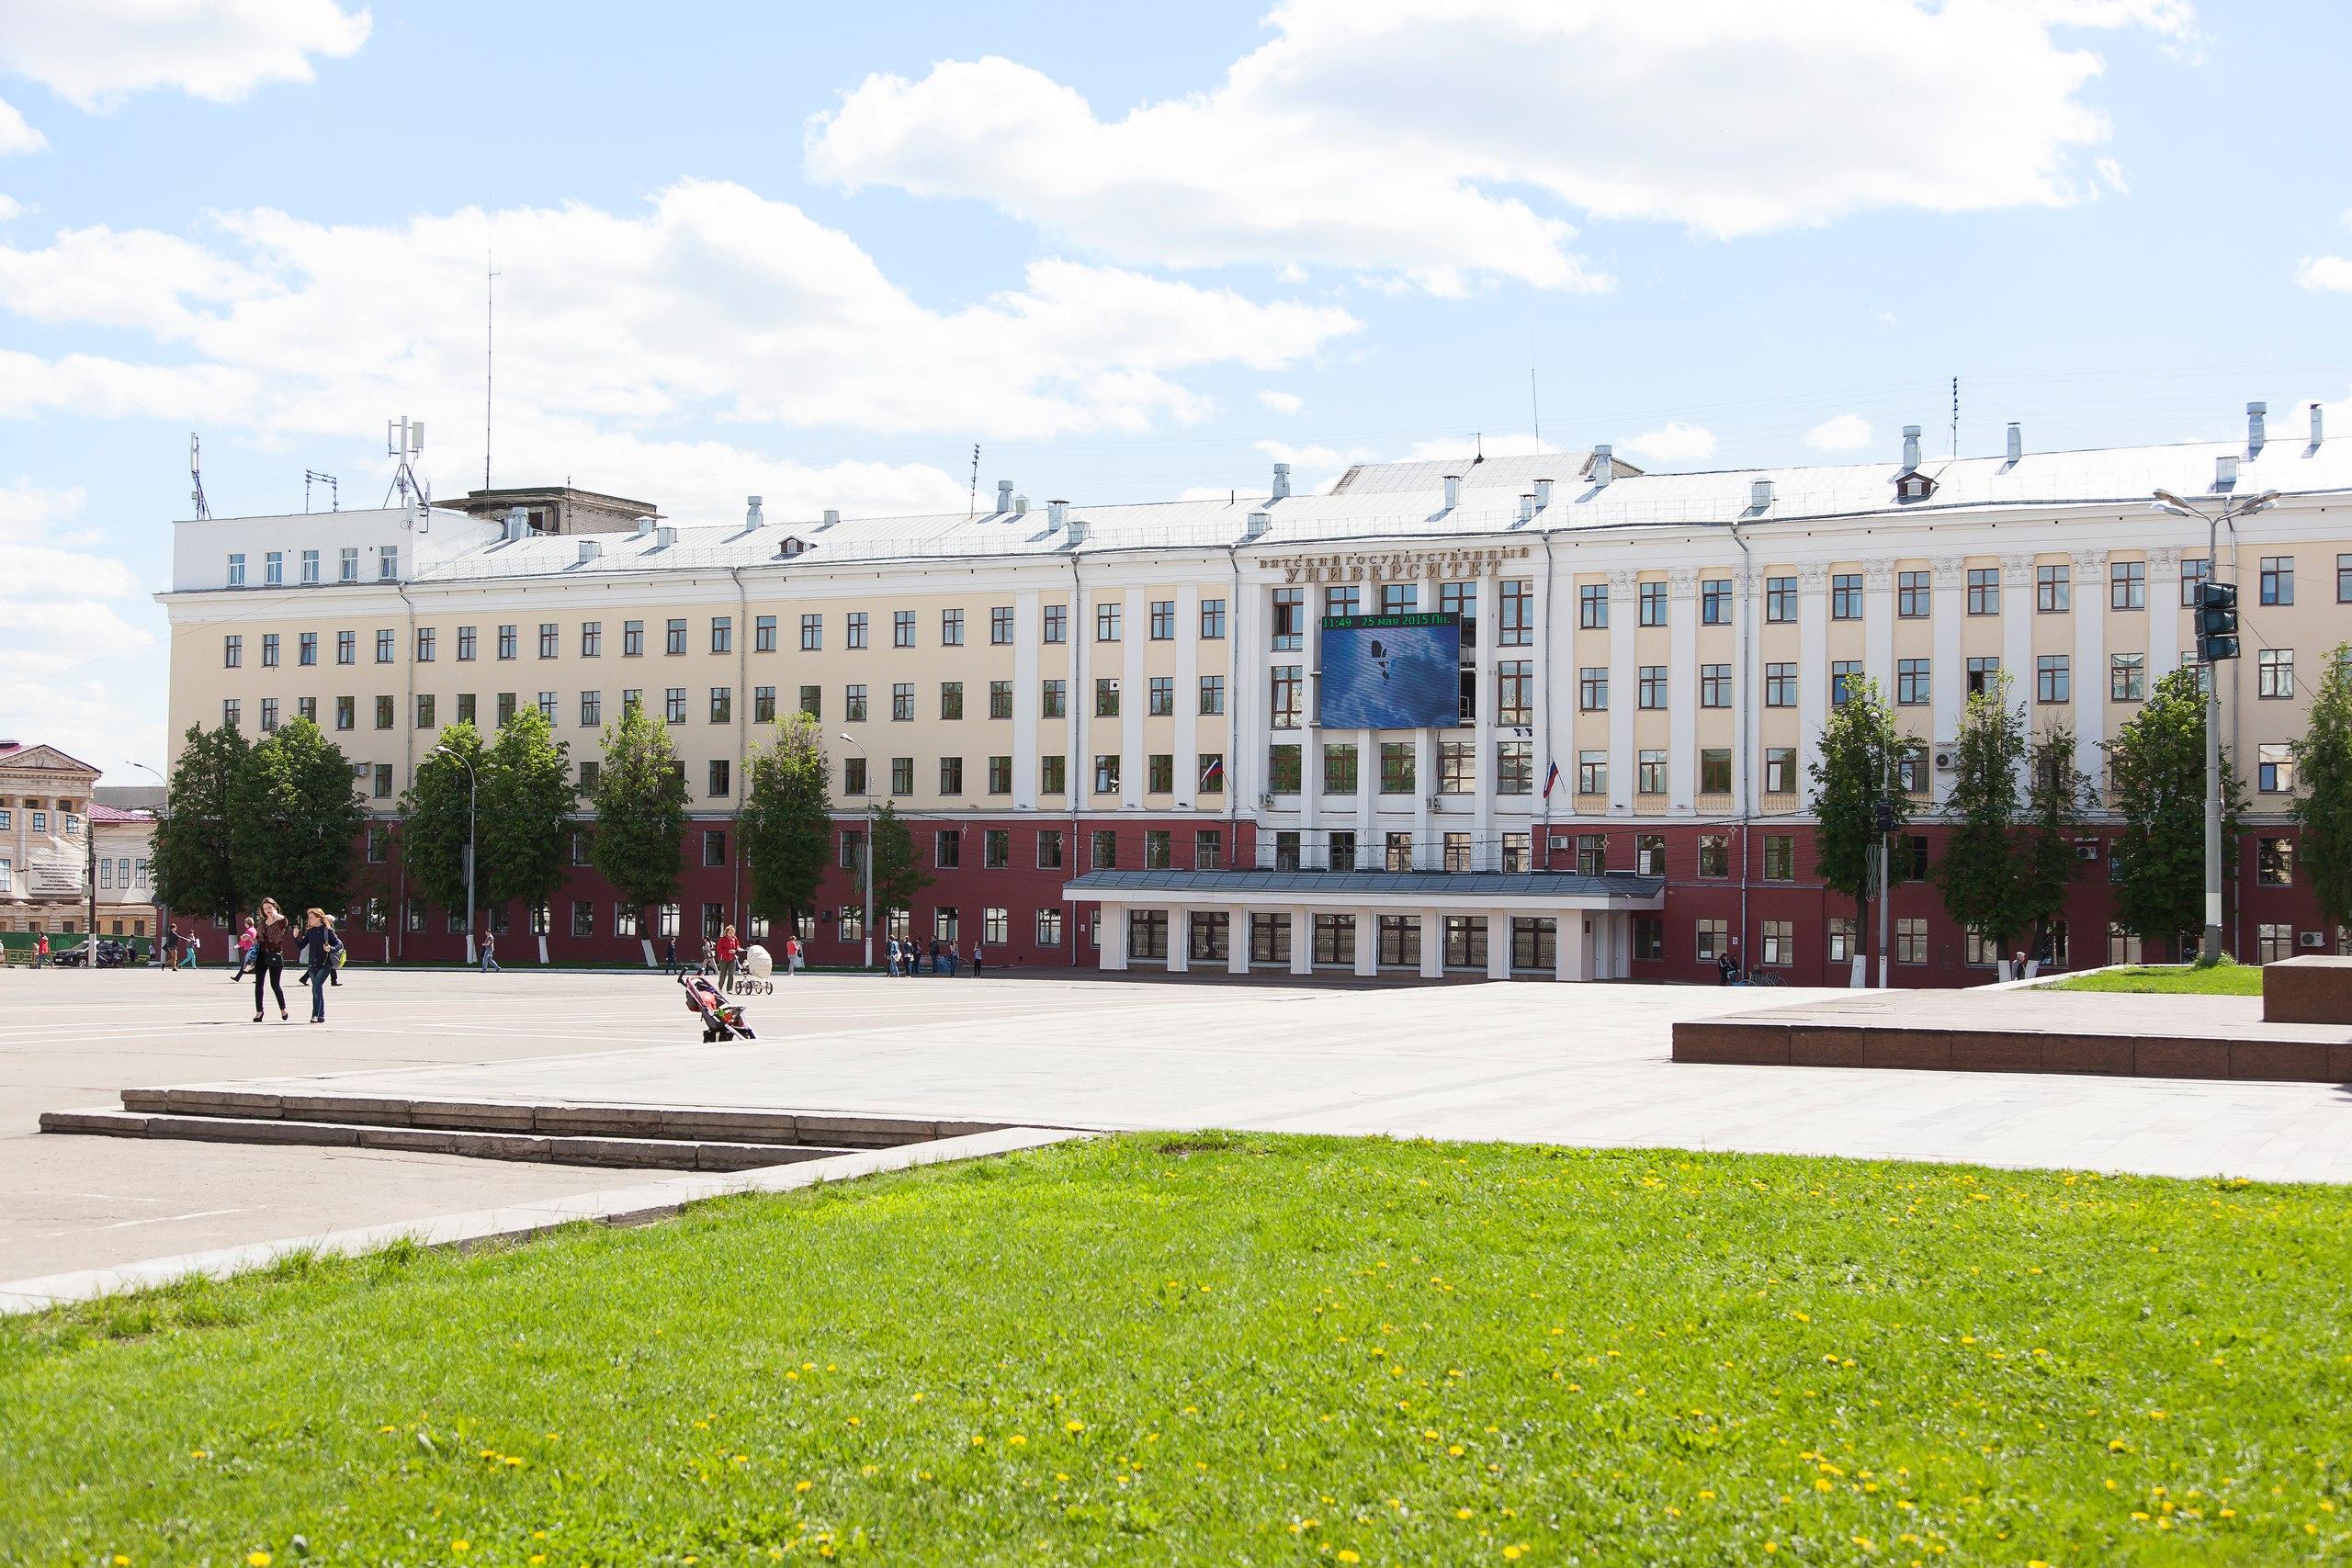 ВятГУ имеет государственную аккредитацию по всем специальностям и направлениям подготовки